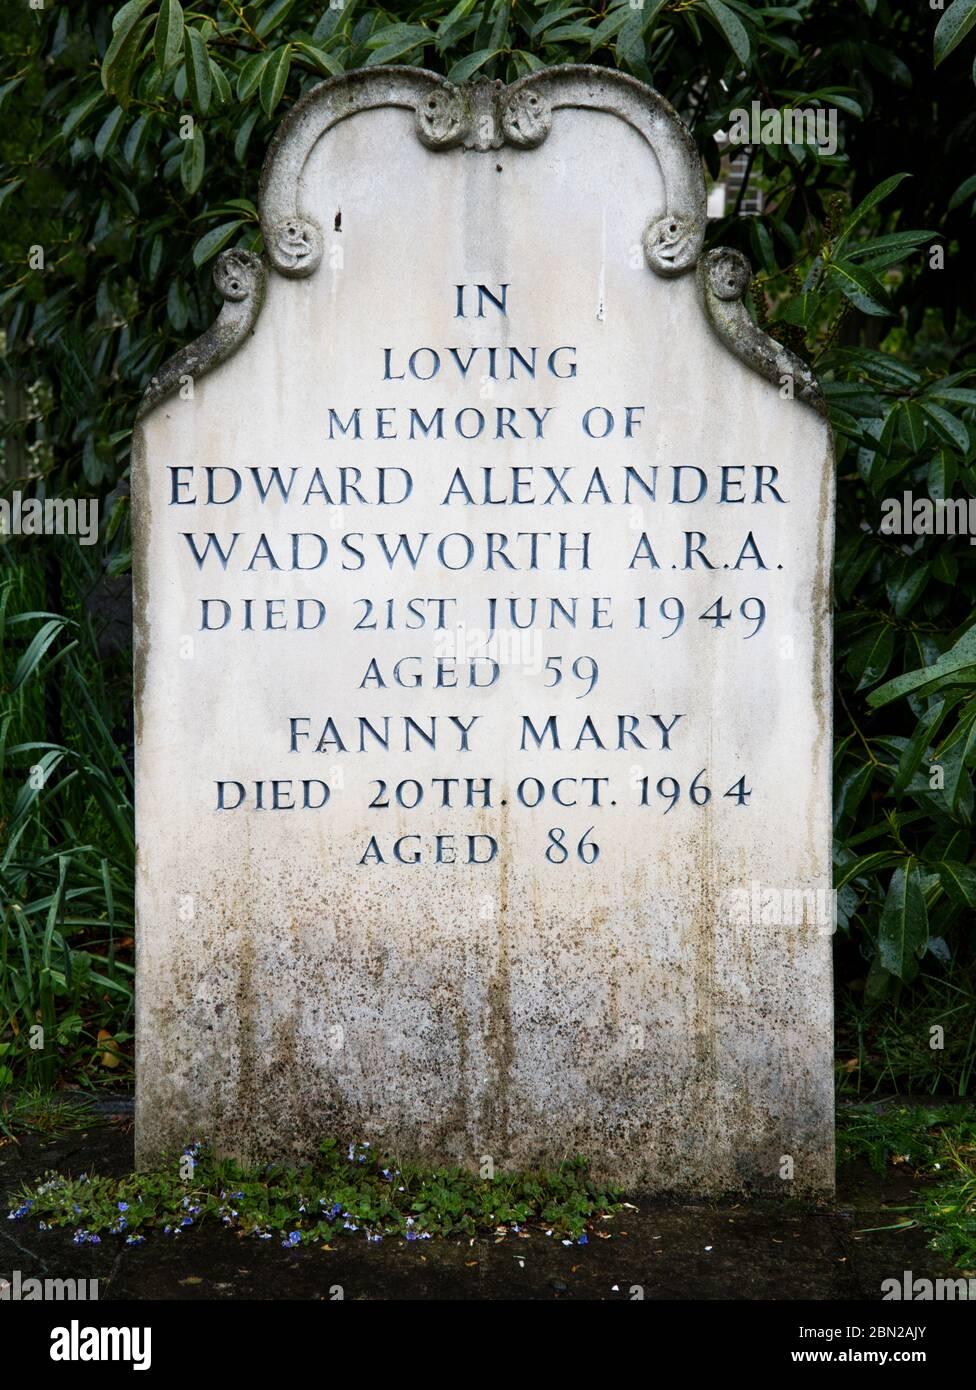 Tumba de Edward Wadsworth, ARA en el Cementerio Brompton, Kensington, Londres; uno de los cementerios de Londres 'Magnificent Seven'. Foto de stock